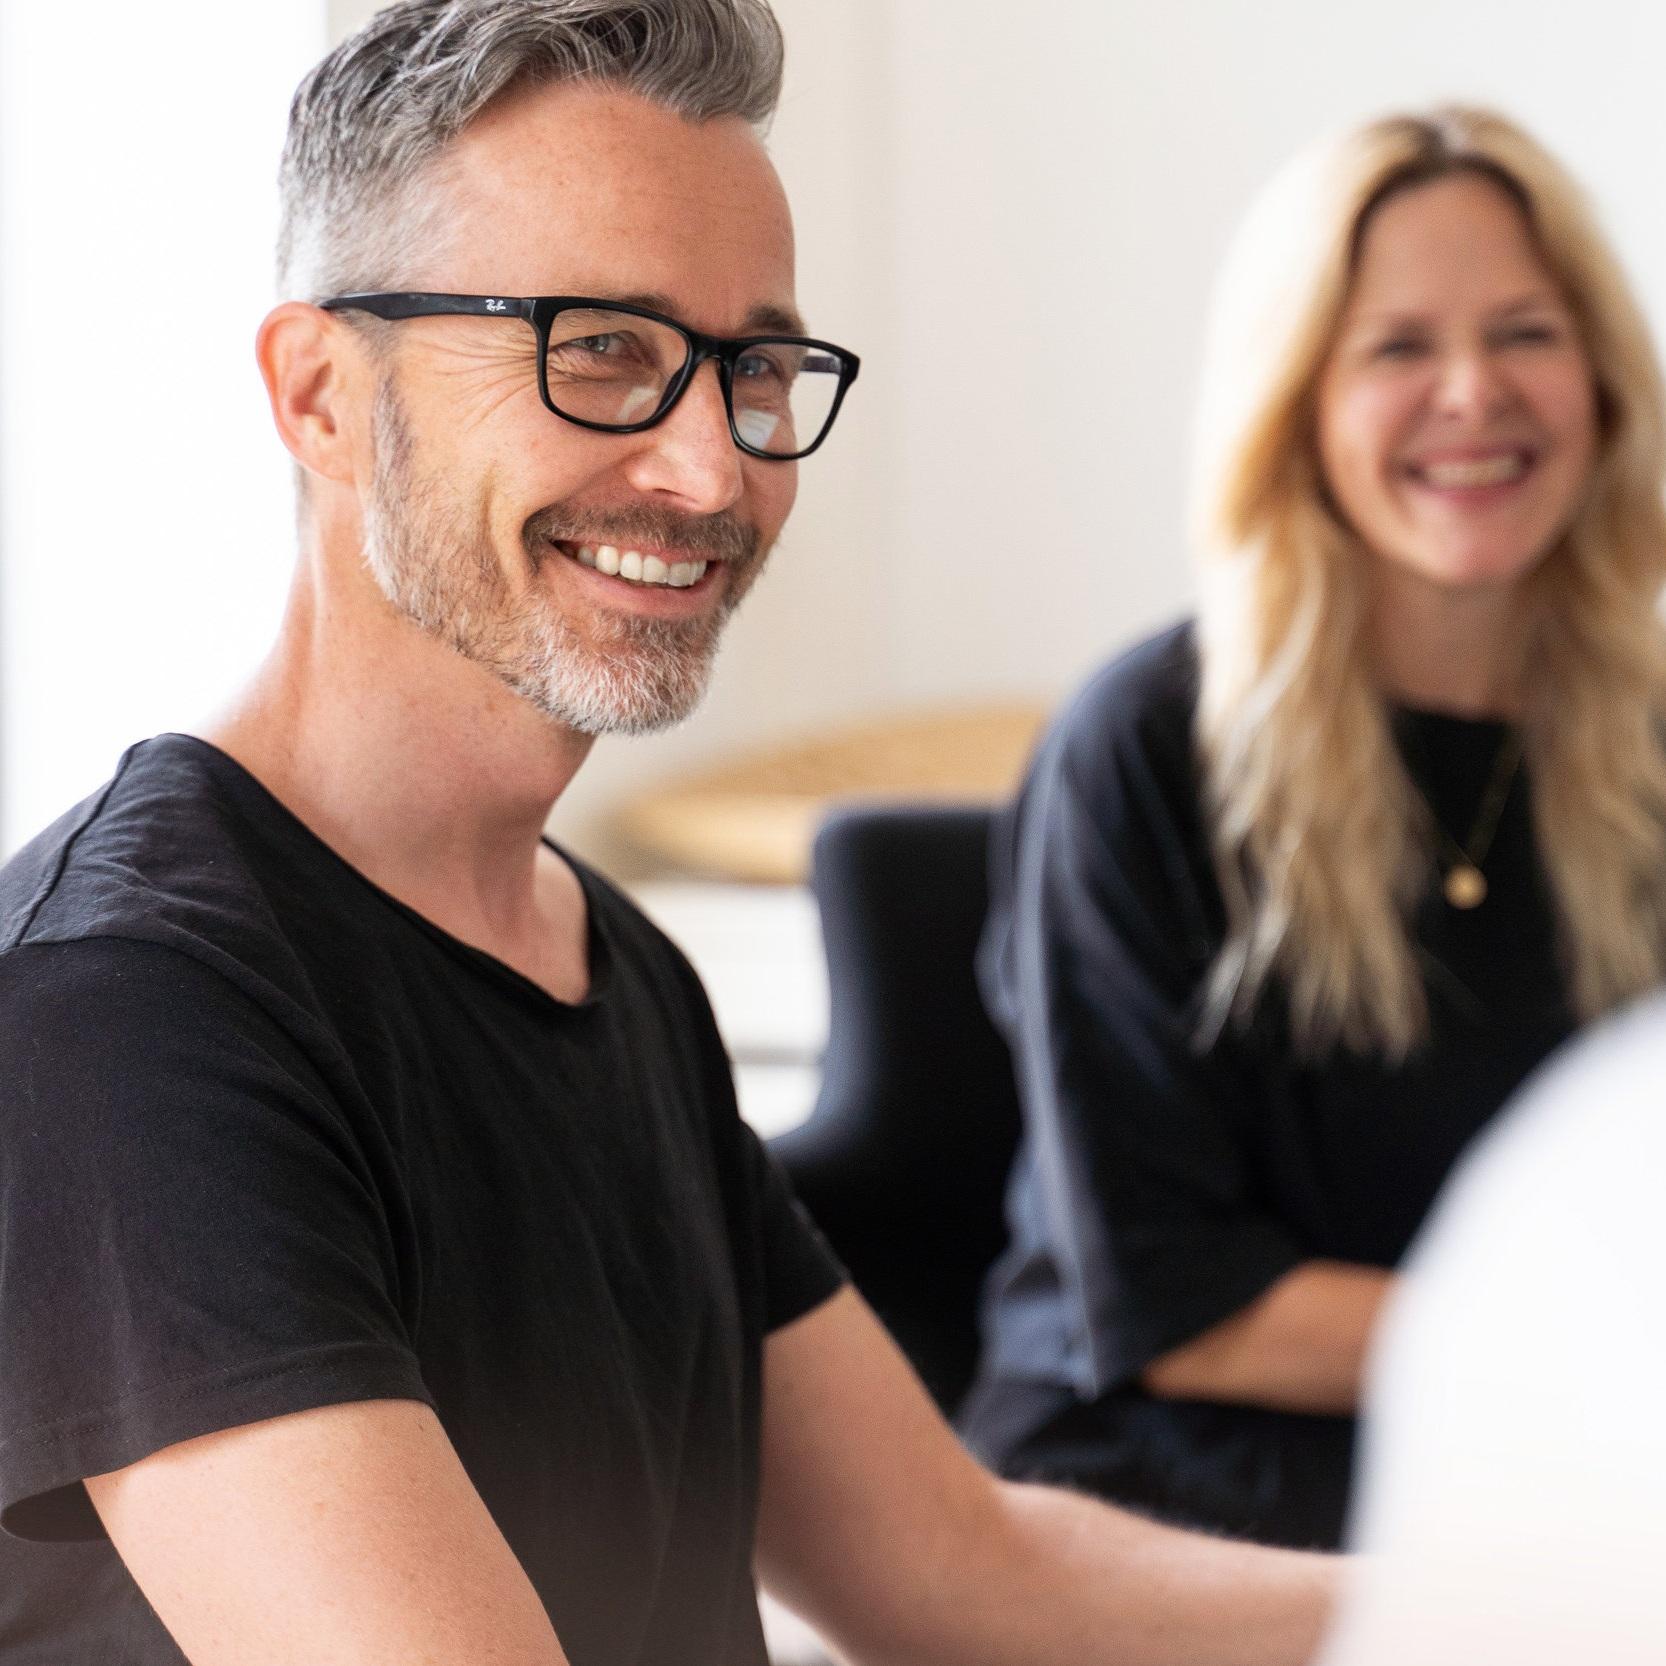 Rekruttering - Nye & Kloke Hoder har over 20 års erfaring med å finne flinke folk, og rekrutterer i dag til stillinger innen design, teknologi, kreative og kommersielle næringer.